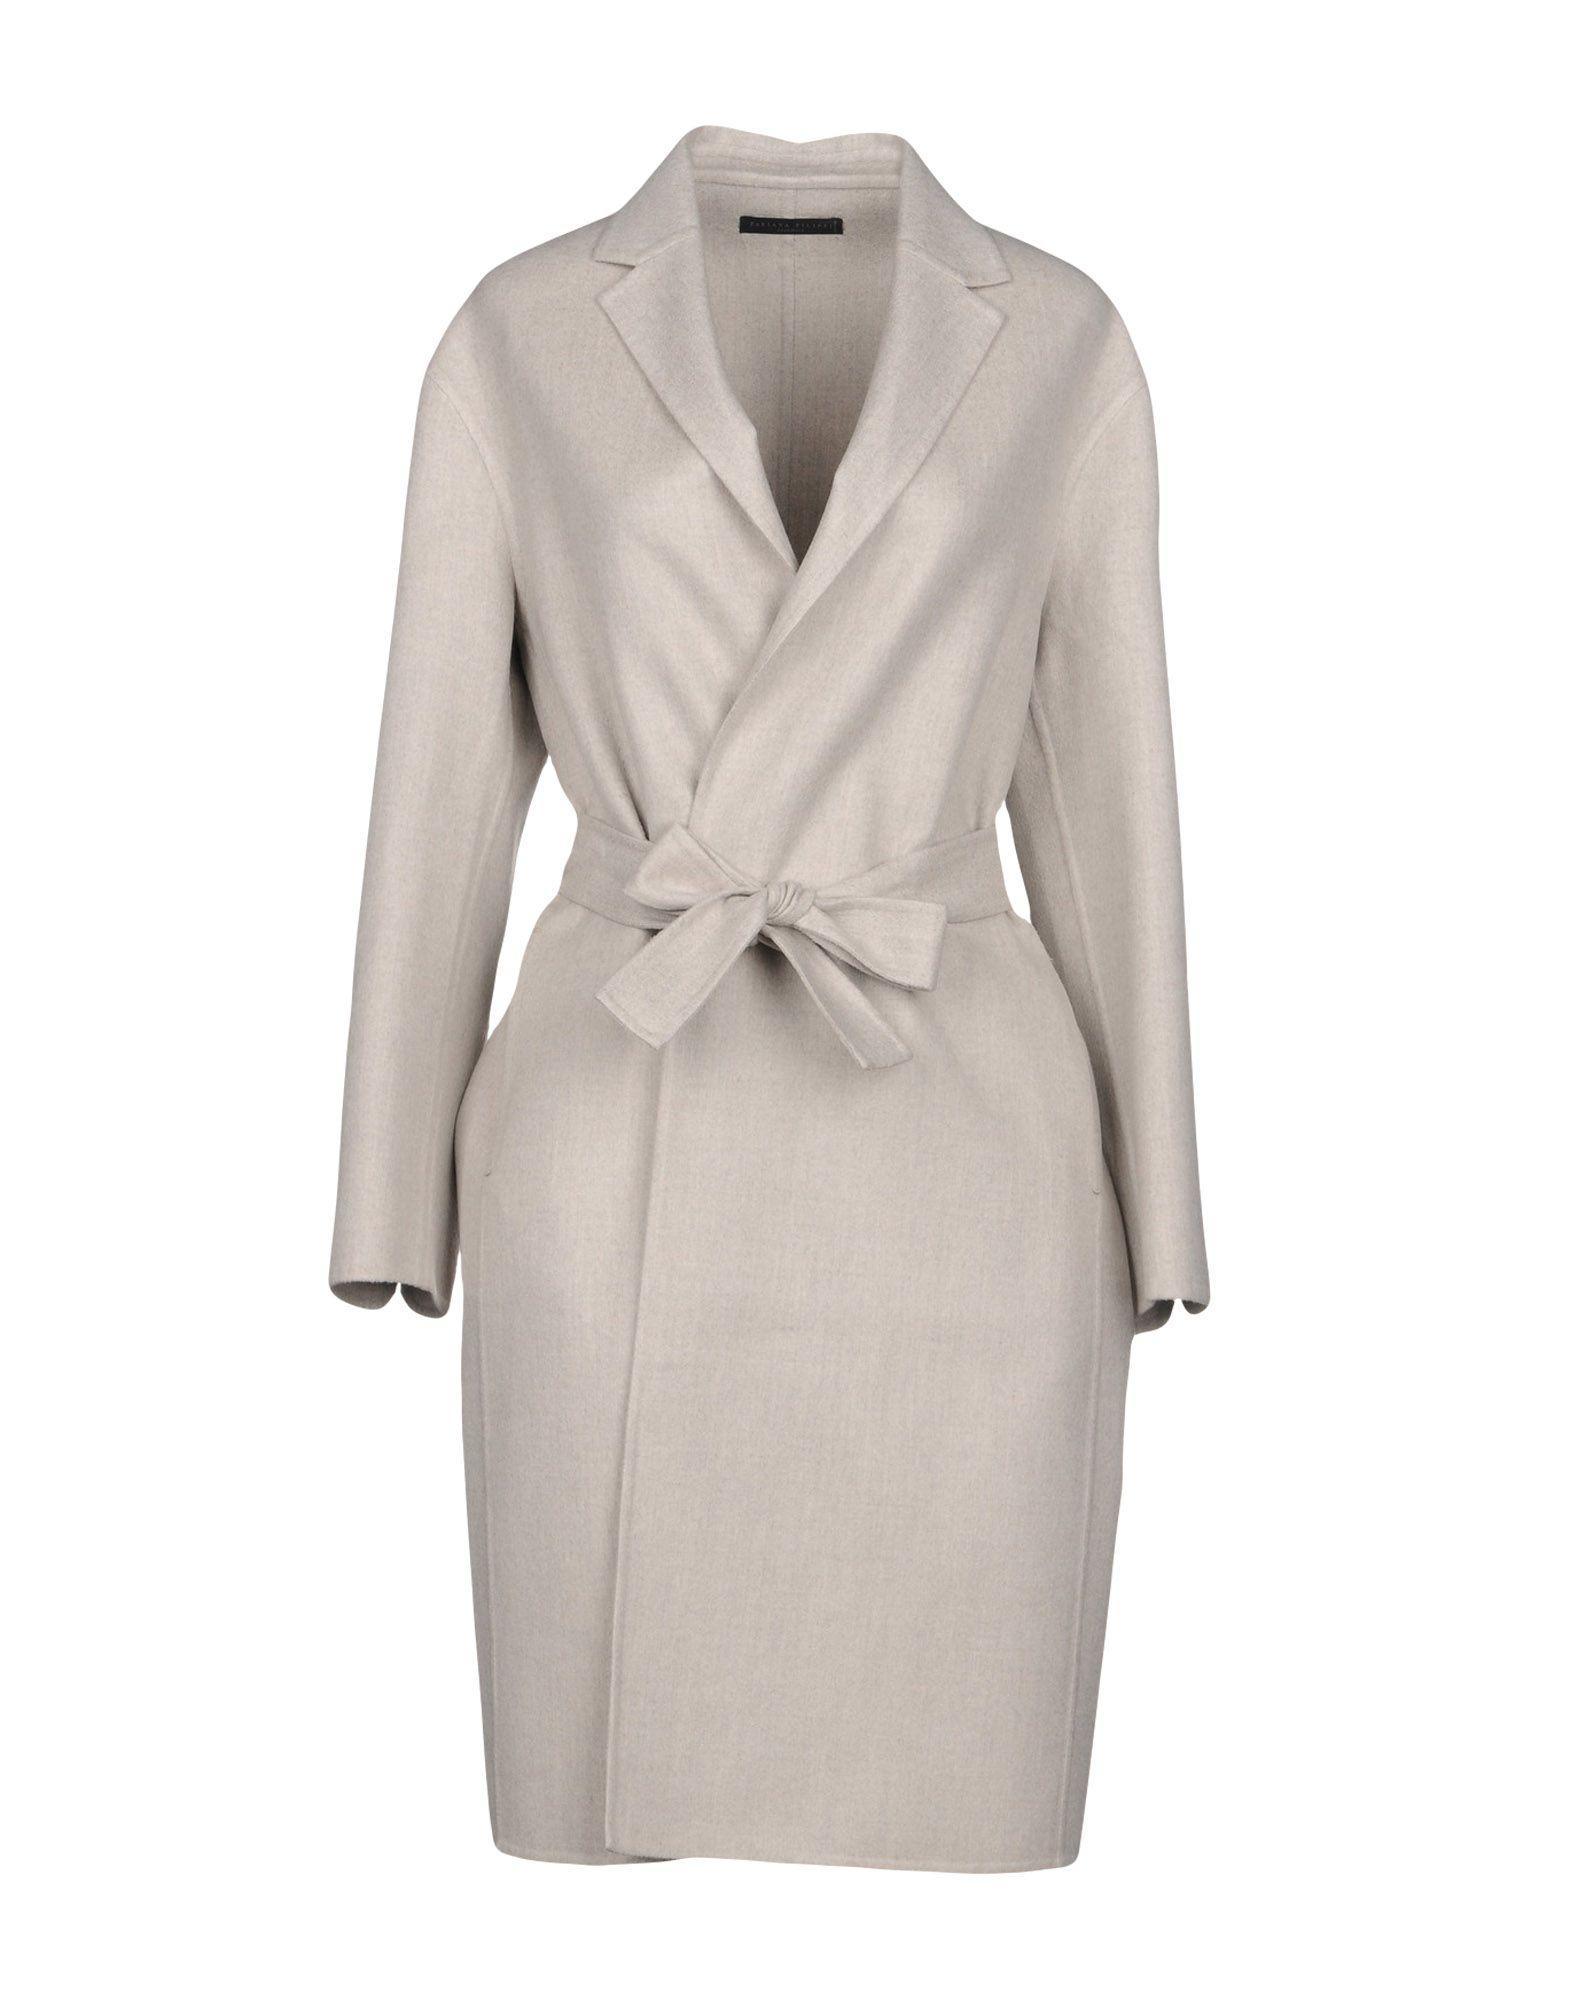 Fabiana Filippi Coats In Light Grey